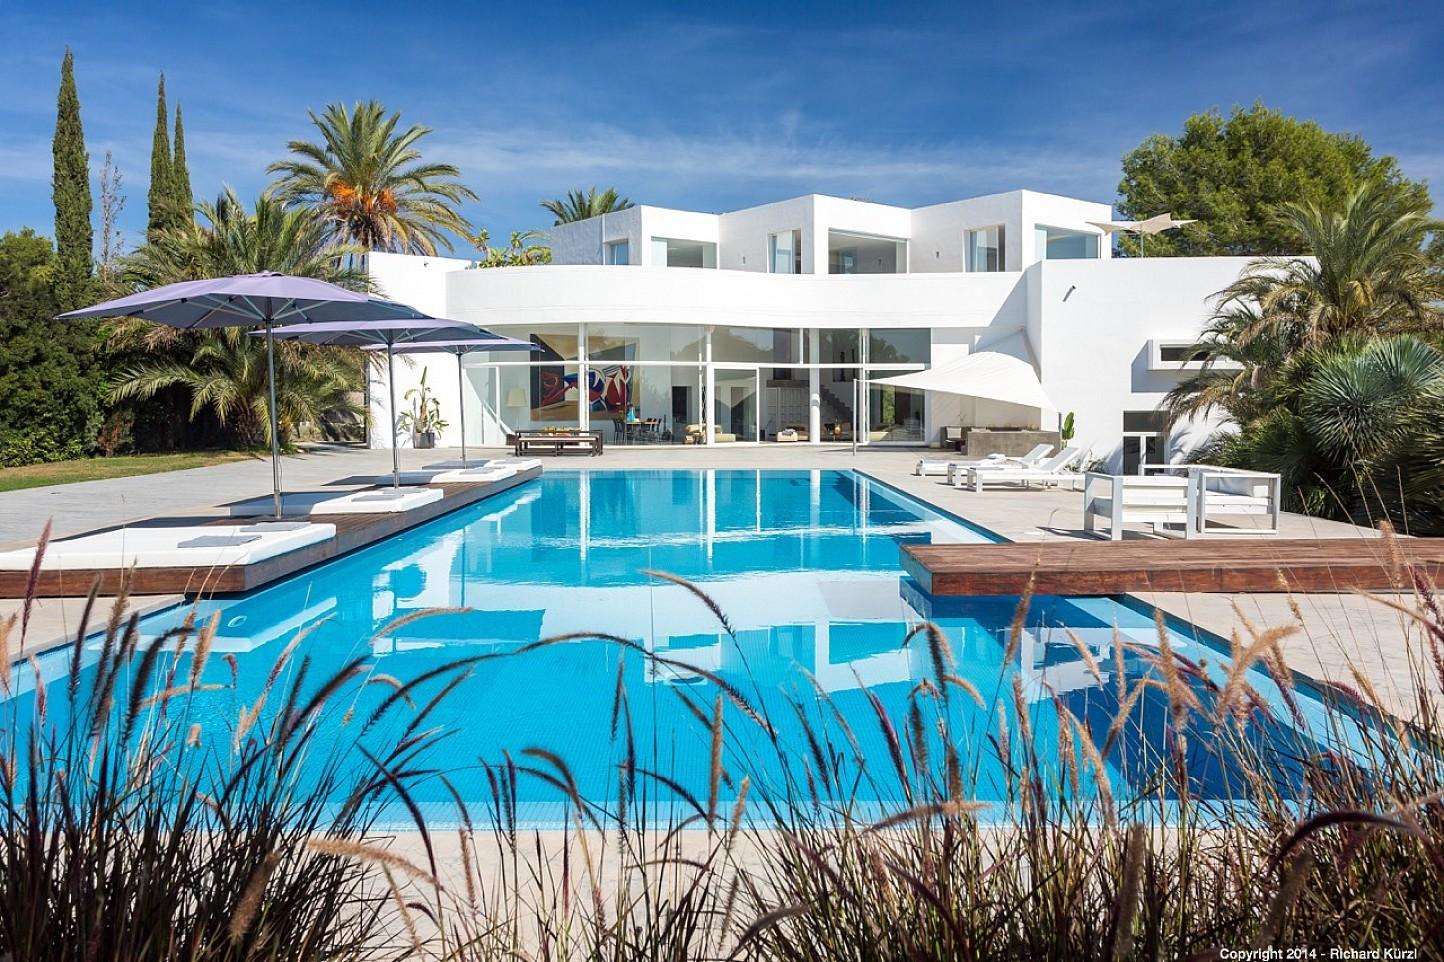 Estupenda piscina exterior en la parte delantera de la casa